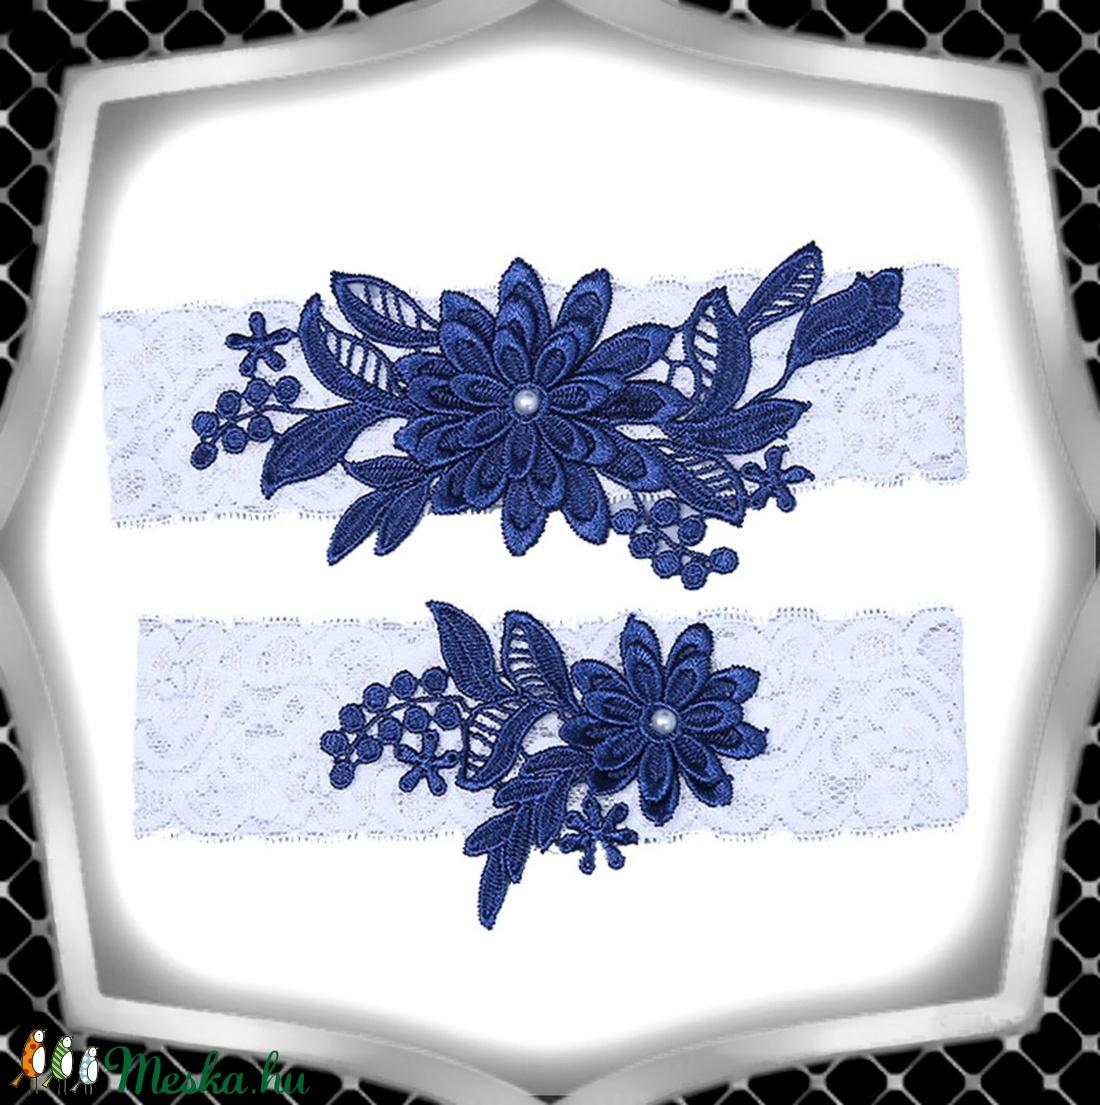 Esküvői, menyasszonyi harisnyakötő szett  ES-HK01-5 - esküvő - kiegészítők - harisnyatartó & valami kék - Meska.hu